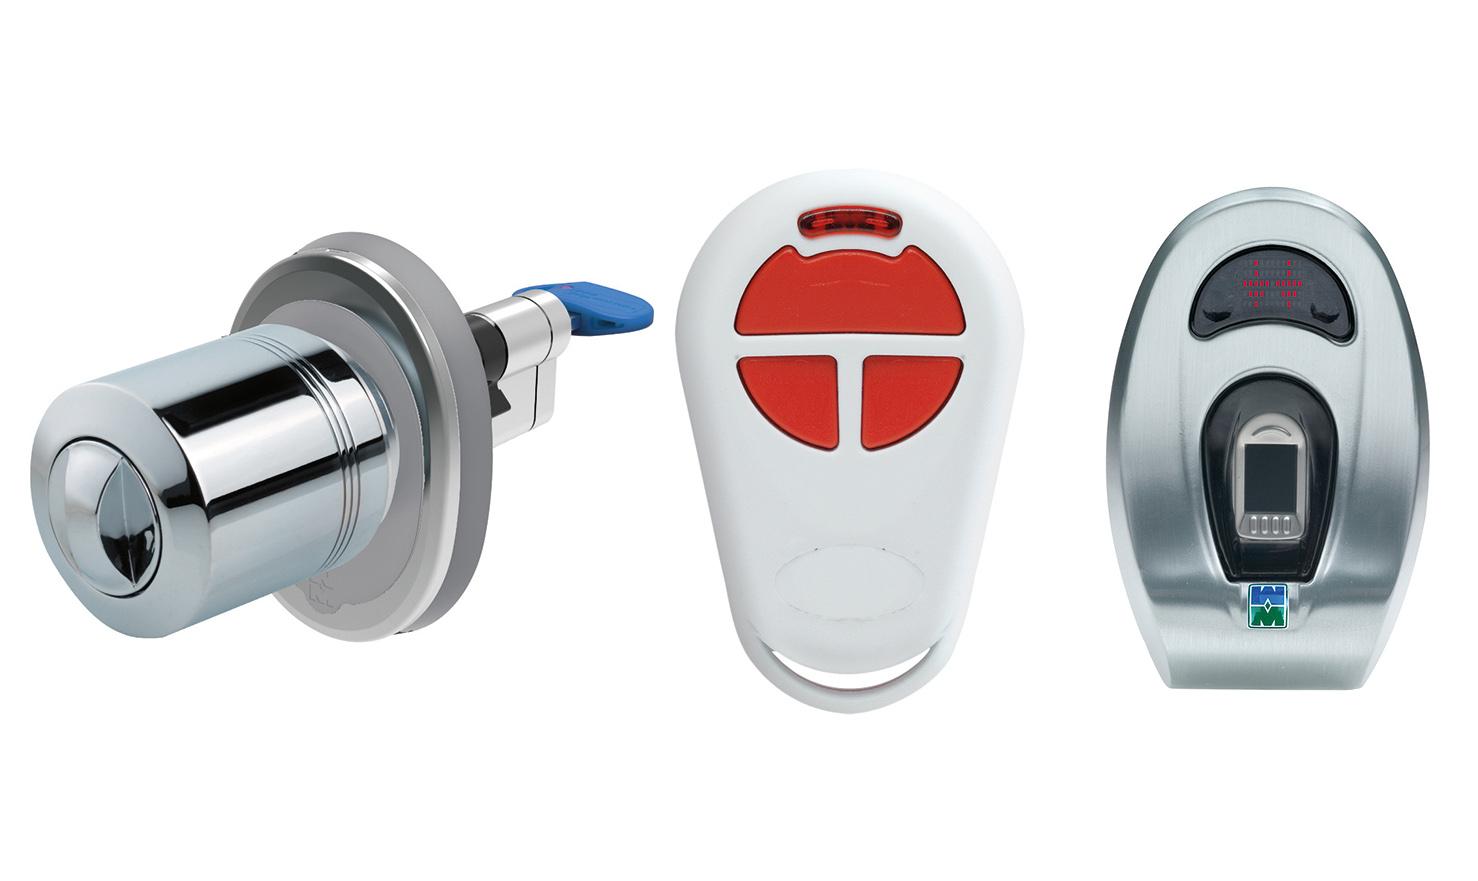 trasforma la tua serratura in chiusura sicura